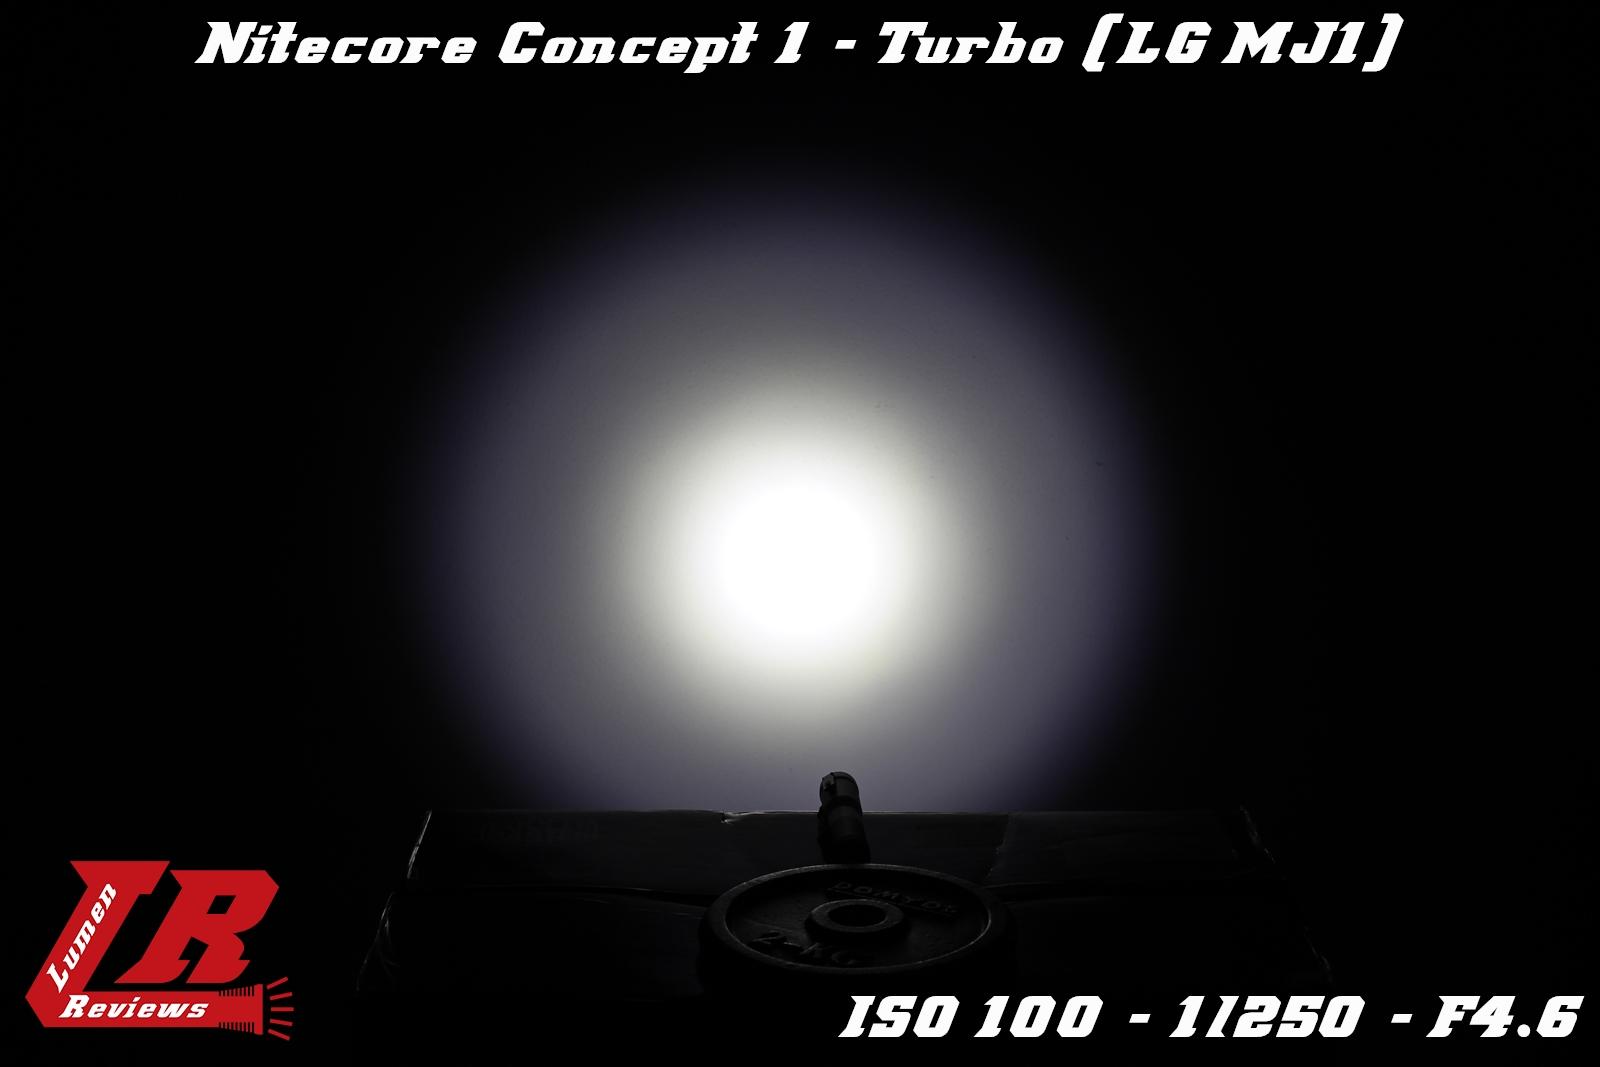 Nitecore Concept 1 15